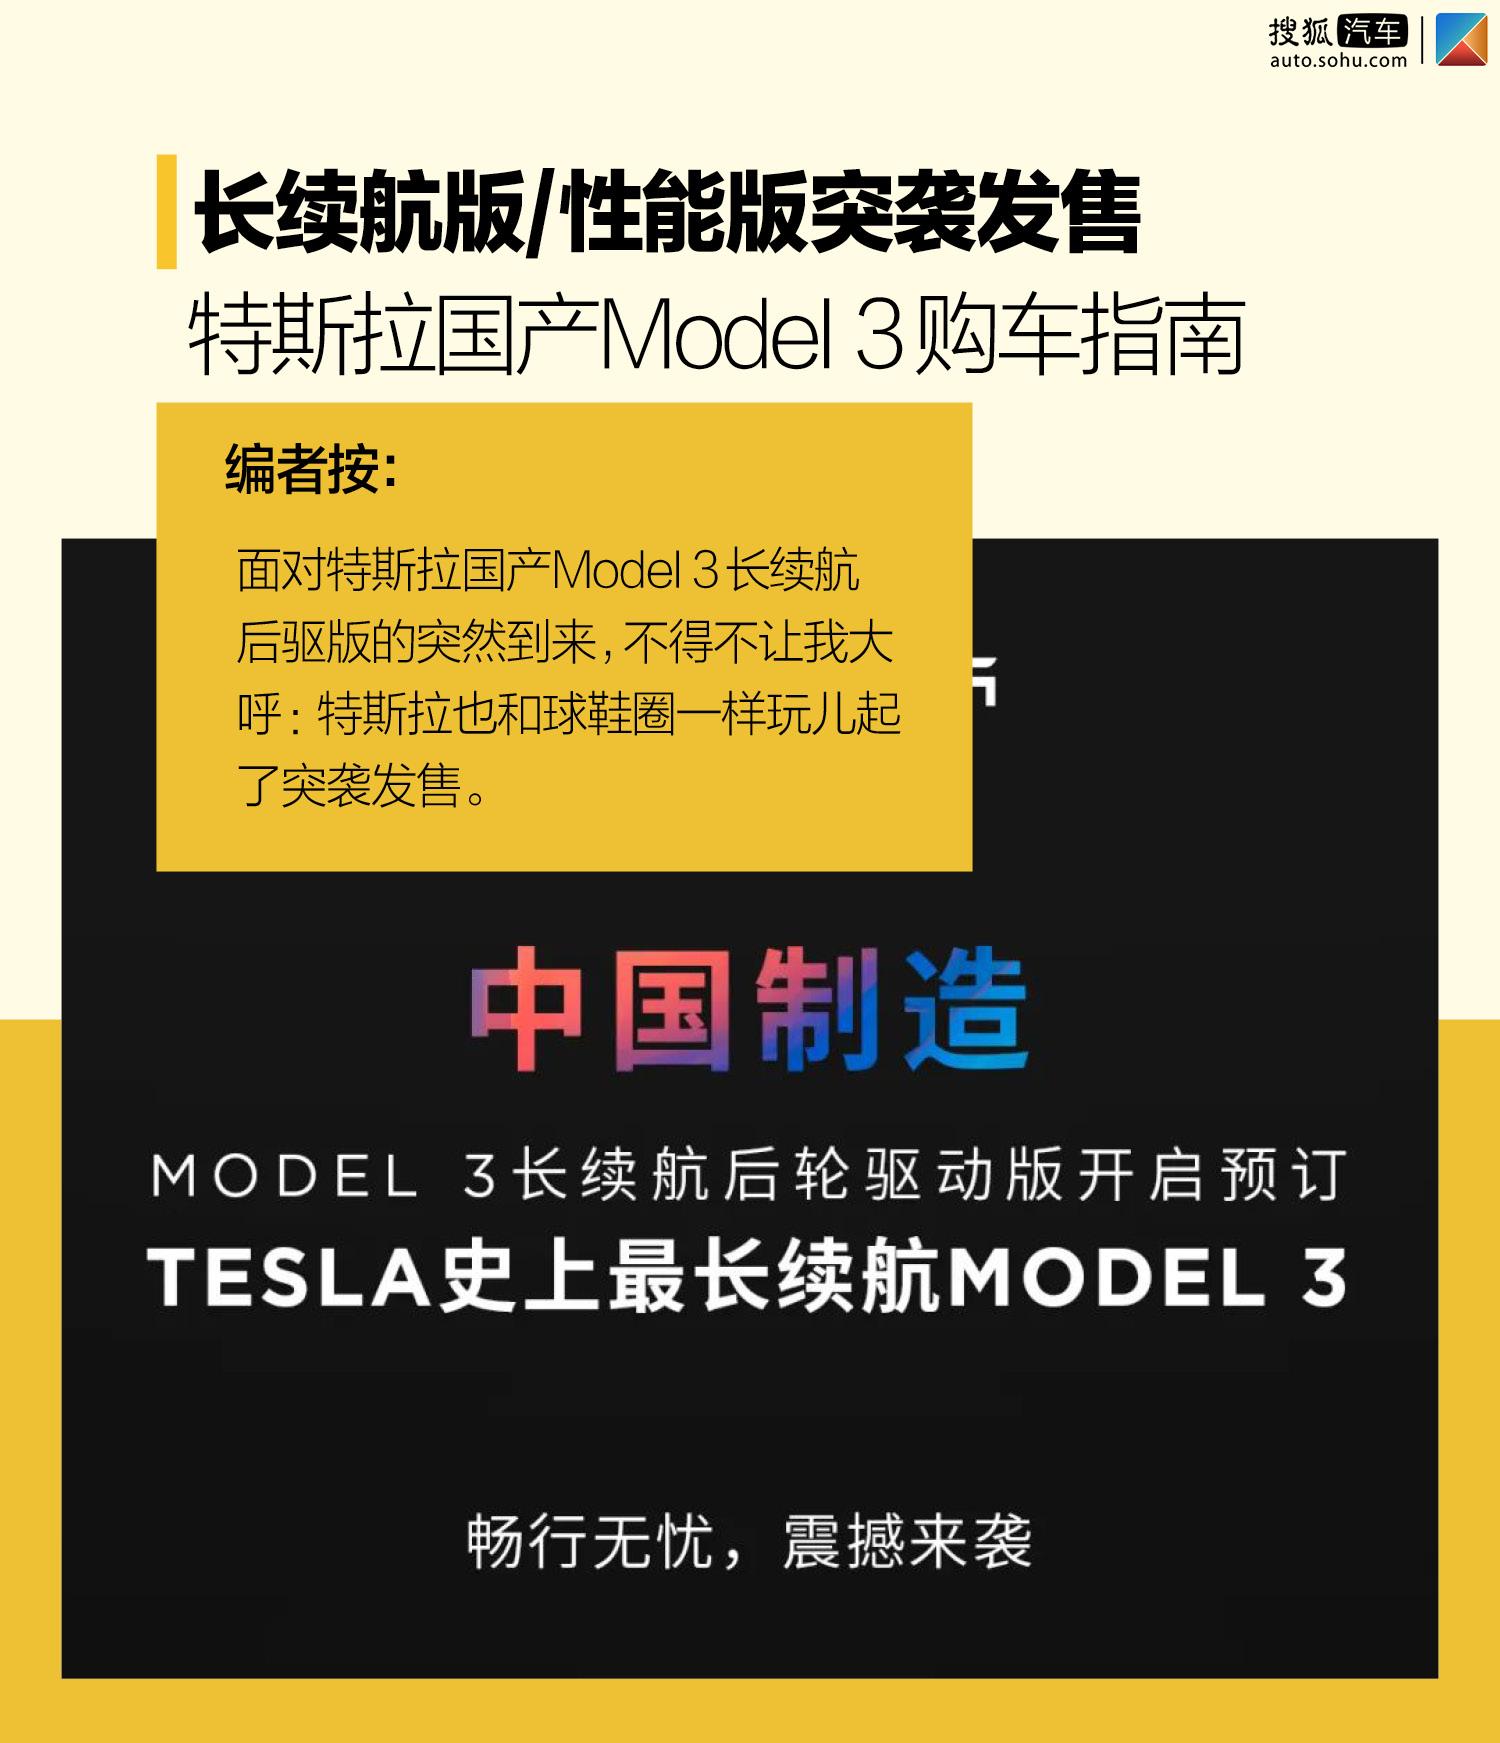 敲黑板!长续航版/性能版突袭发售 特斯拉国产Model 3购车指南